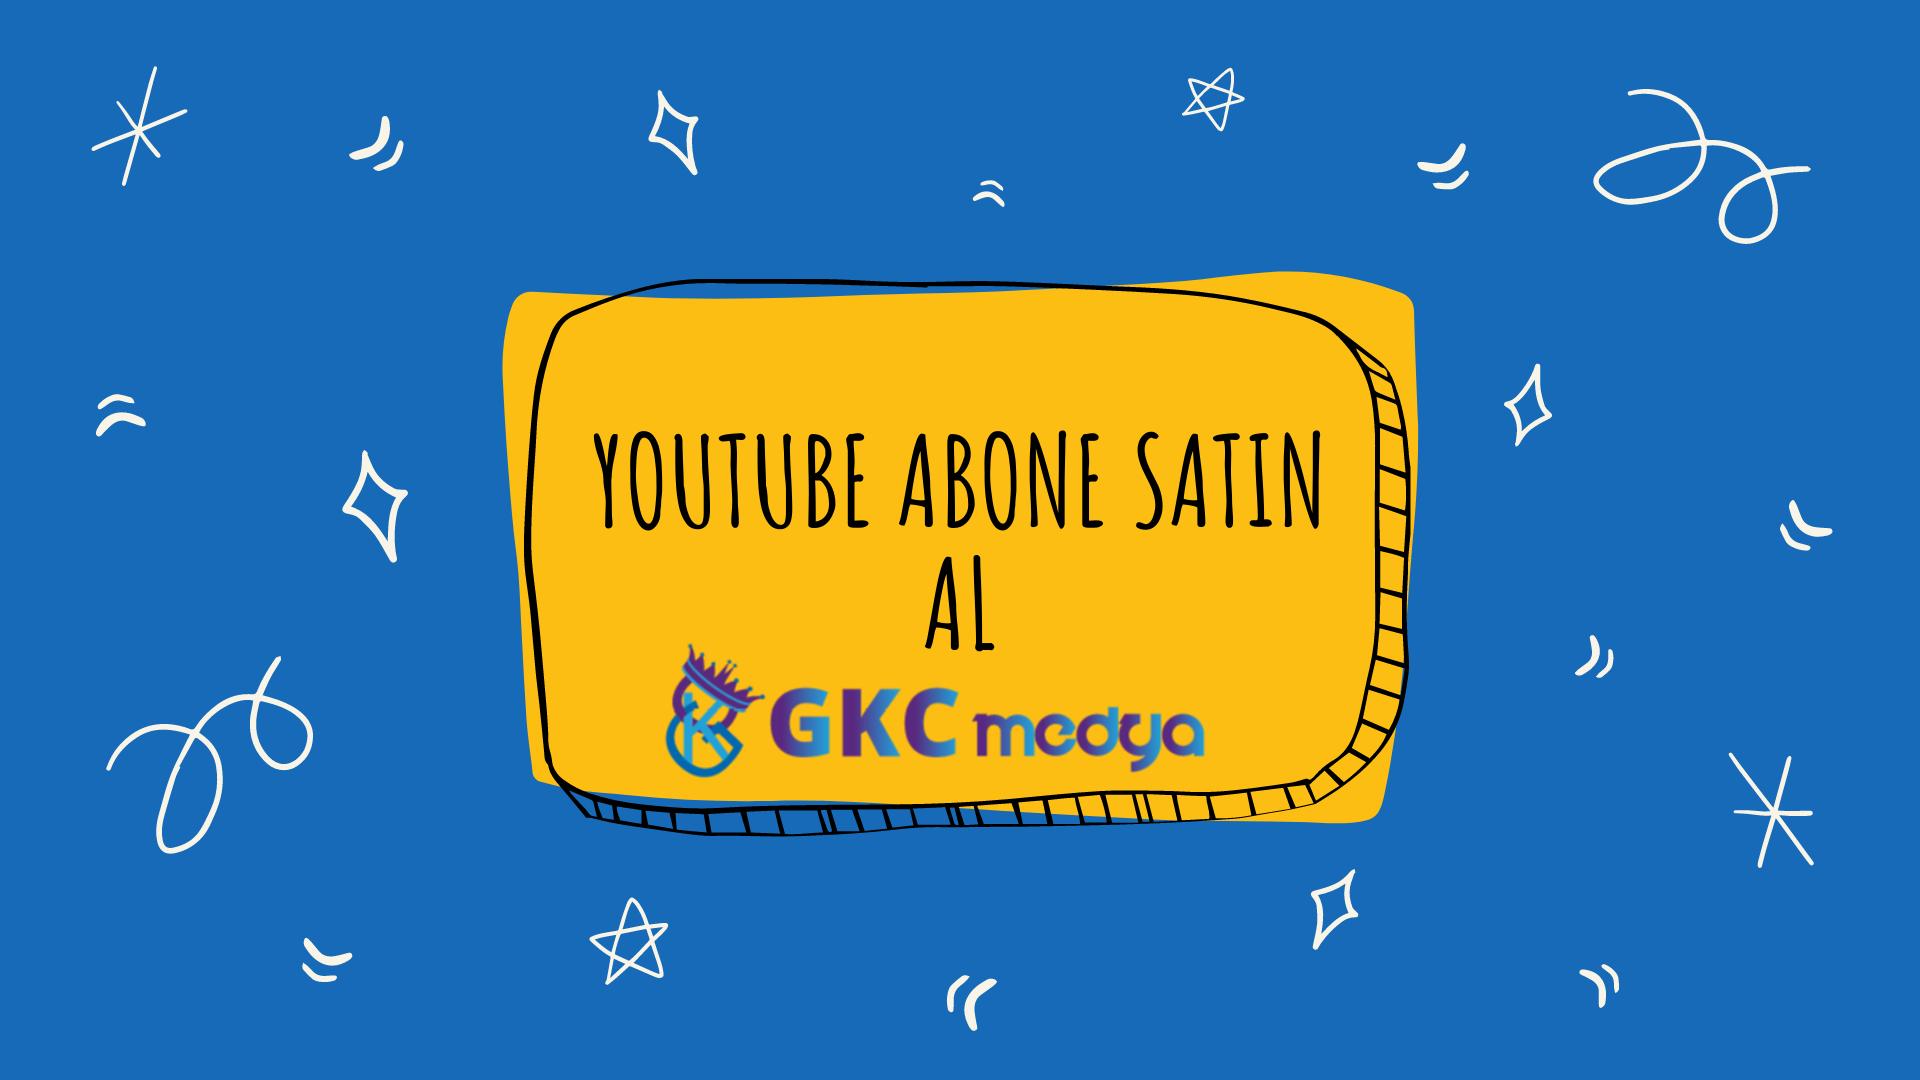 Youtube Abone Satın Al, Youtube Abone Hilesi, Youtube Abone Arttırma, Youtube Para Kazanma